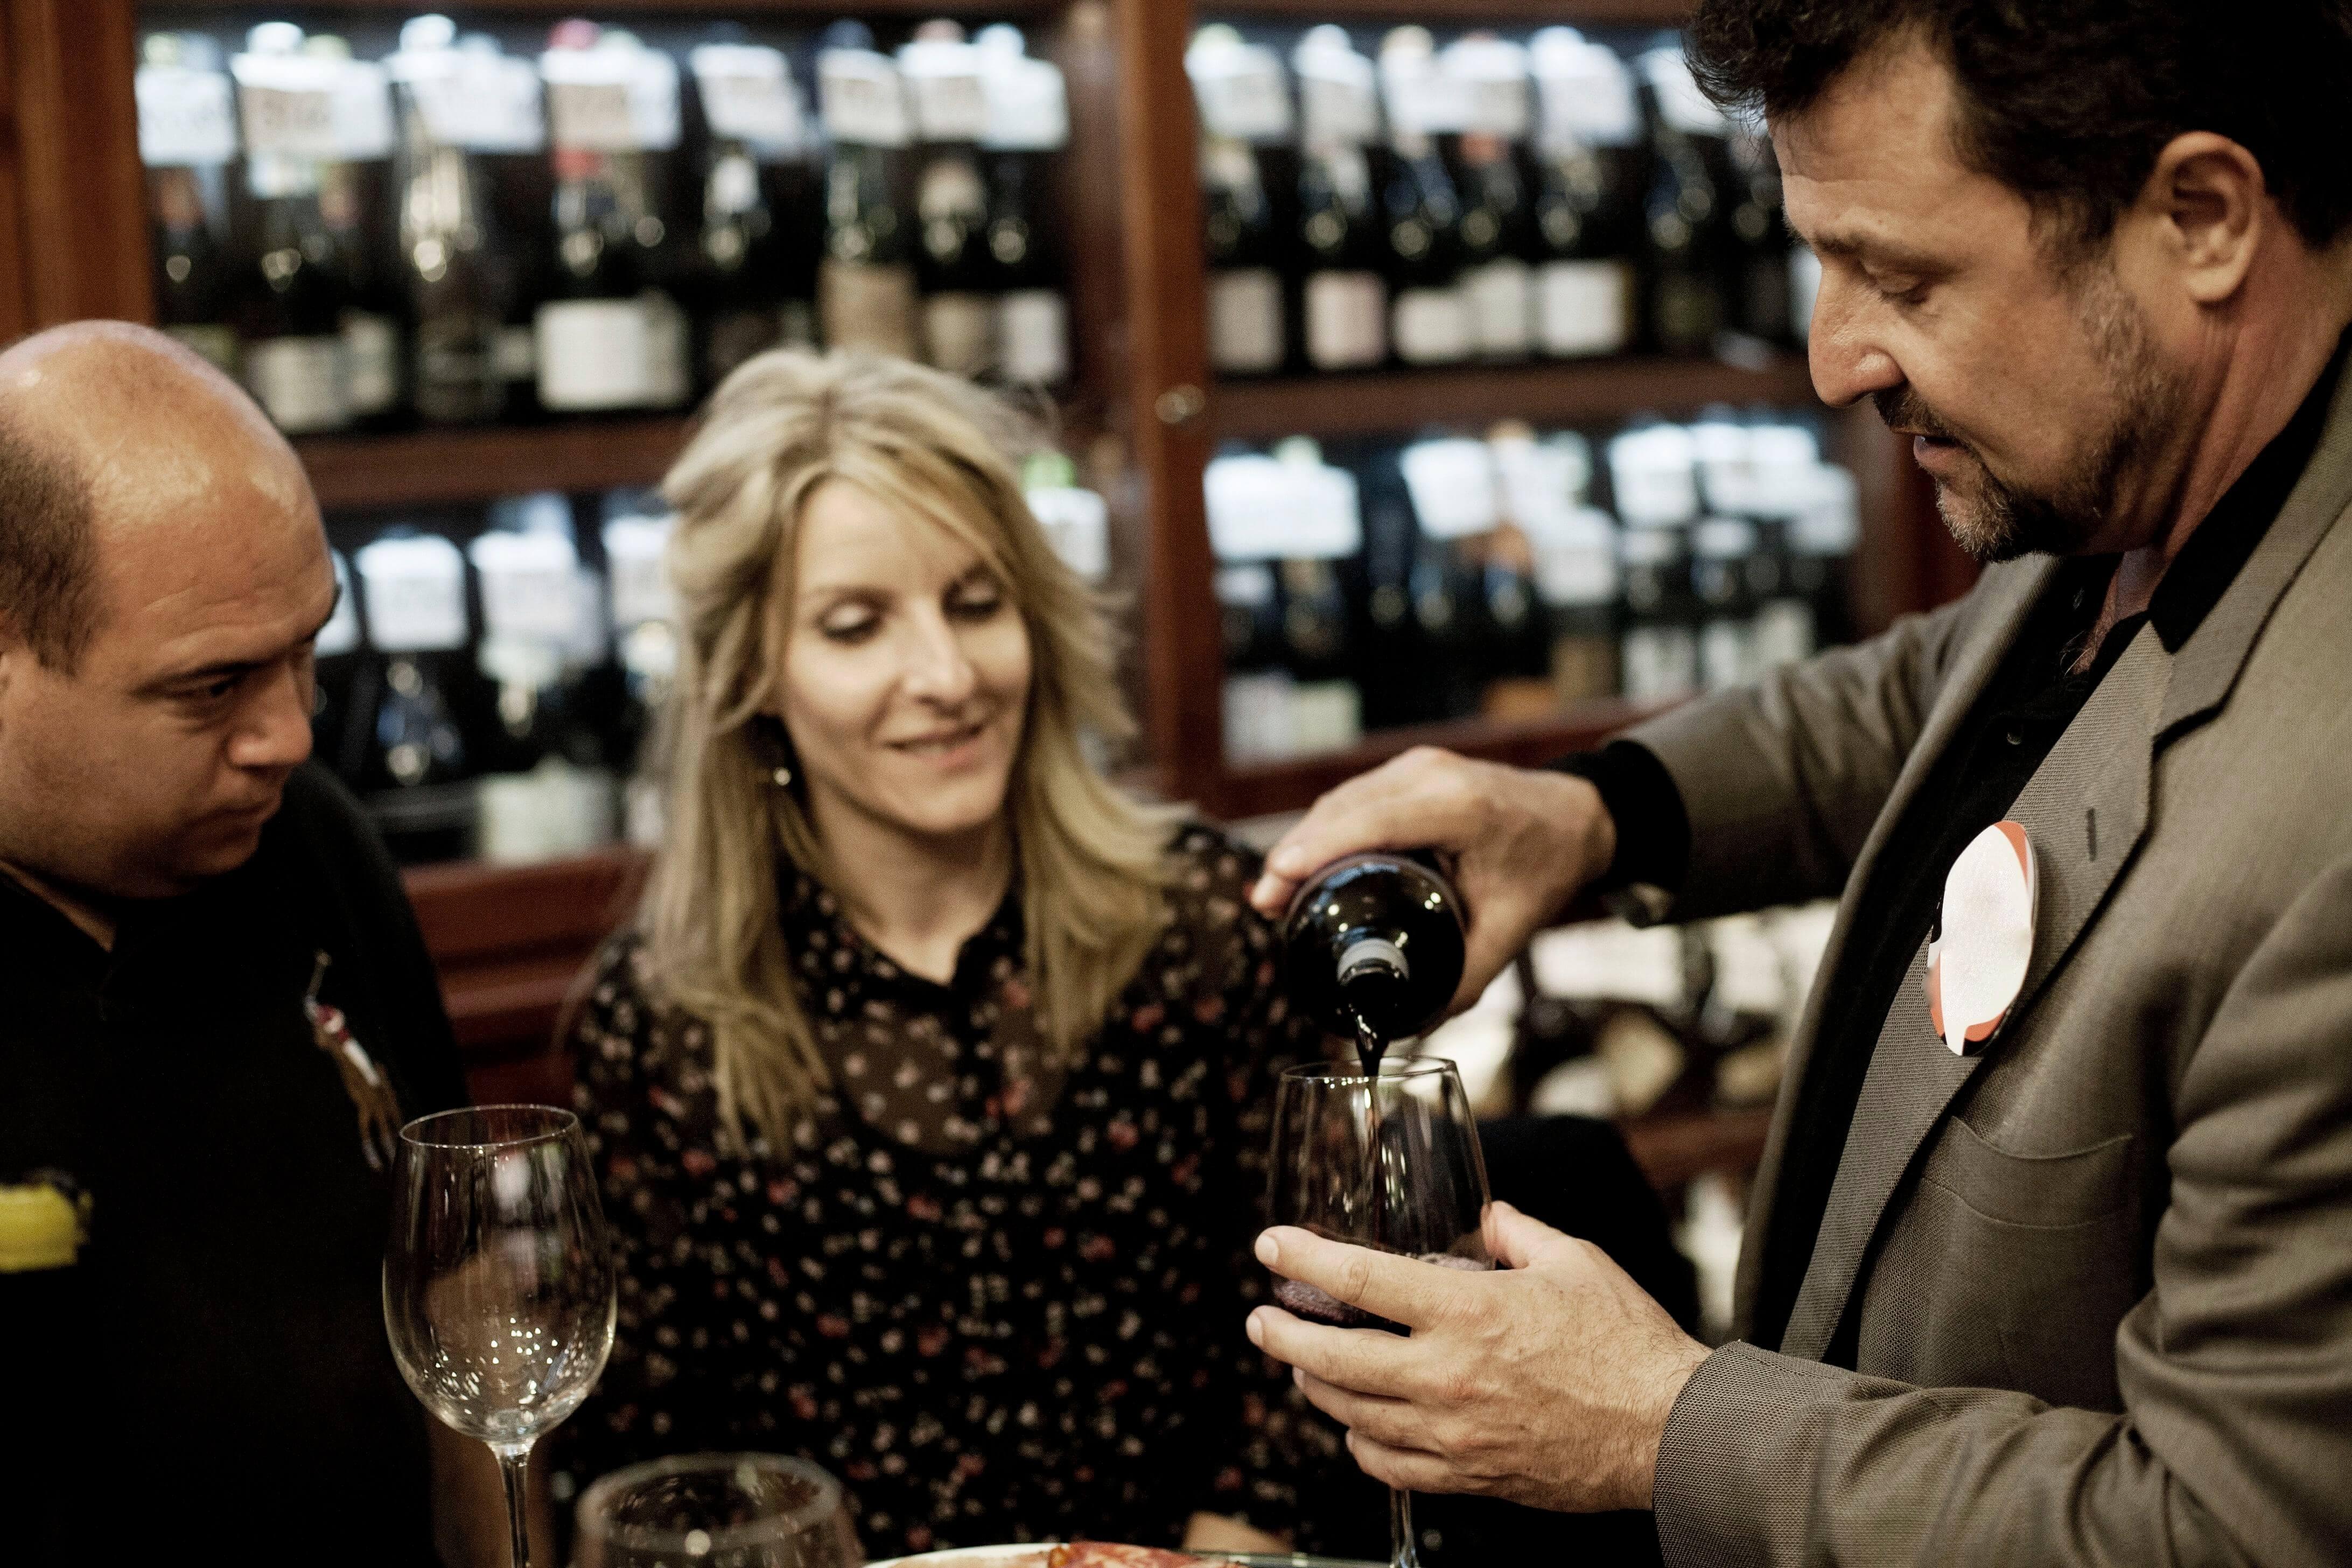 Kostenlose foto : Person, Bar, Mahlzeit, Glas Wein, Touren, Sinn ...